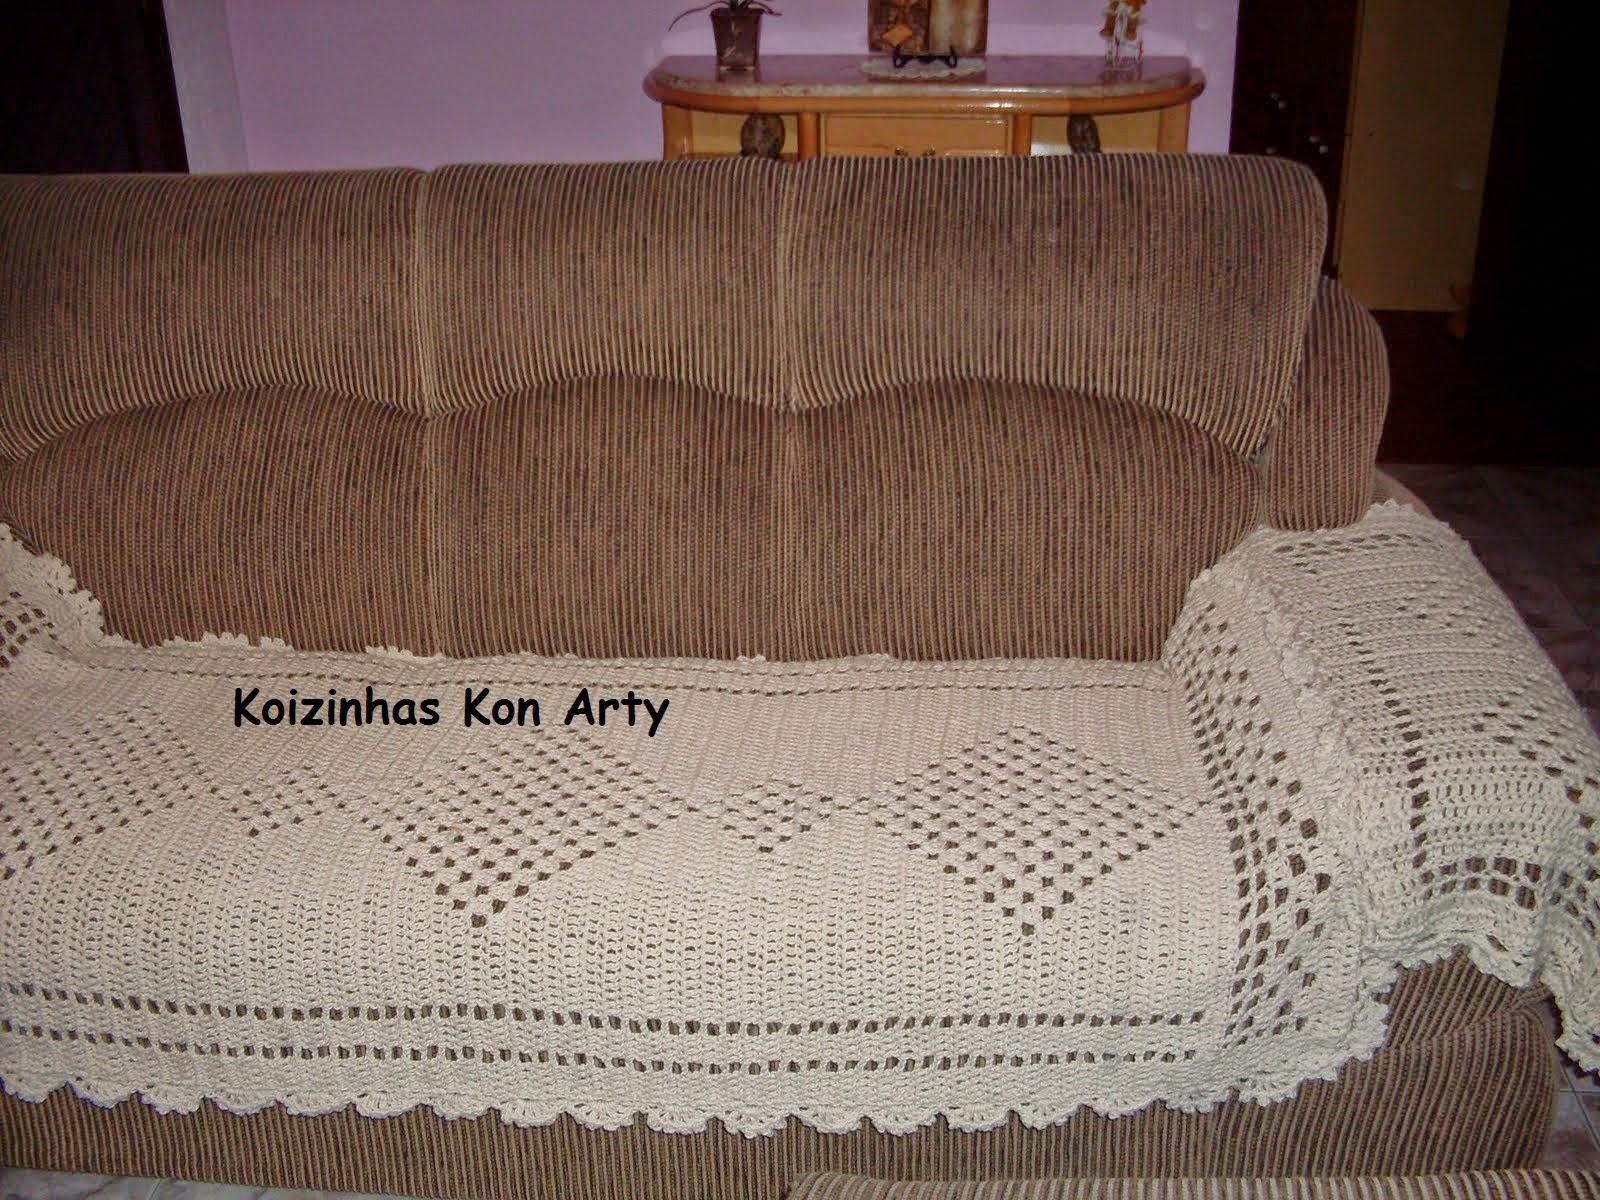 Jogo de manta / capa / protetor de sofá Koizinhas Kon Arty  #2D1C16 1600x1200